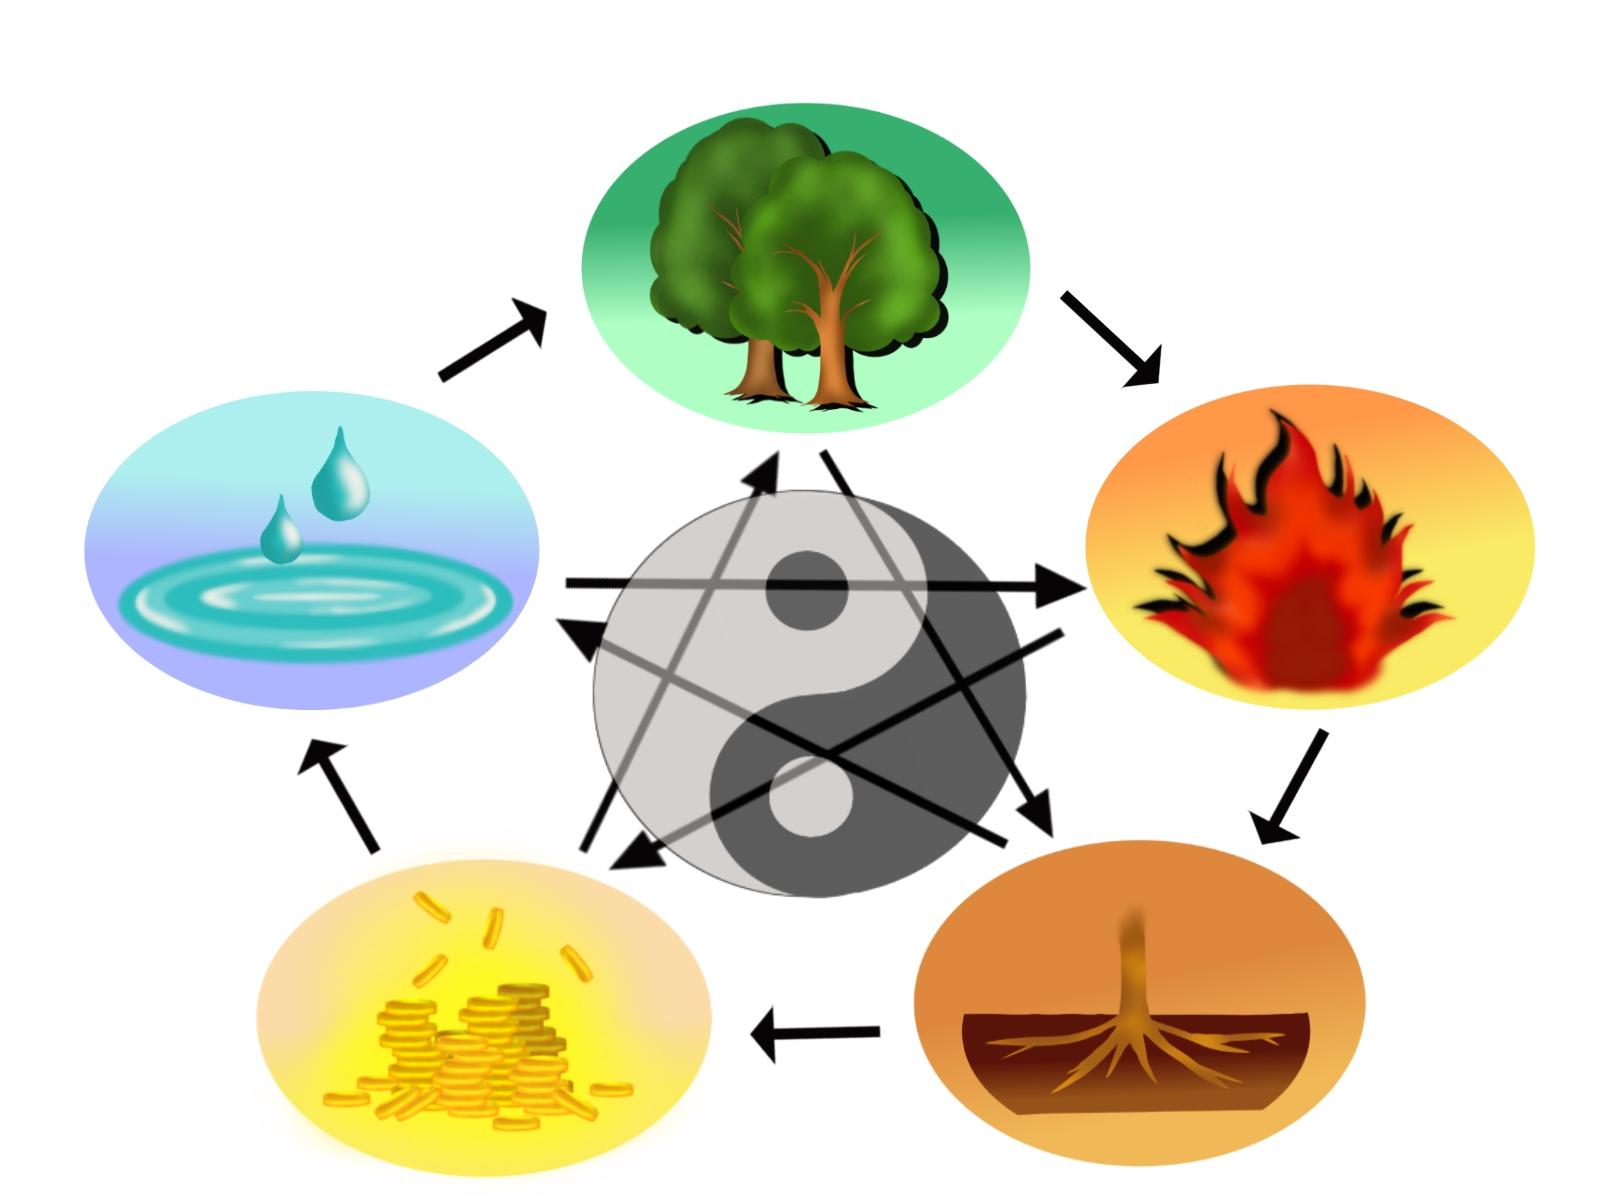 あなたの本質を占う!四柱推命の十干で見る基本的な性格傾向3